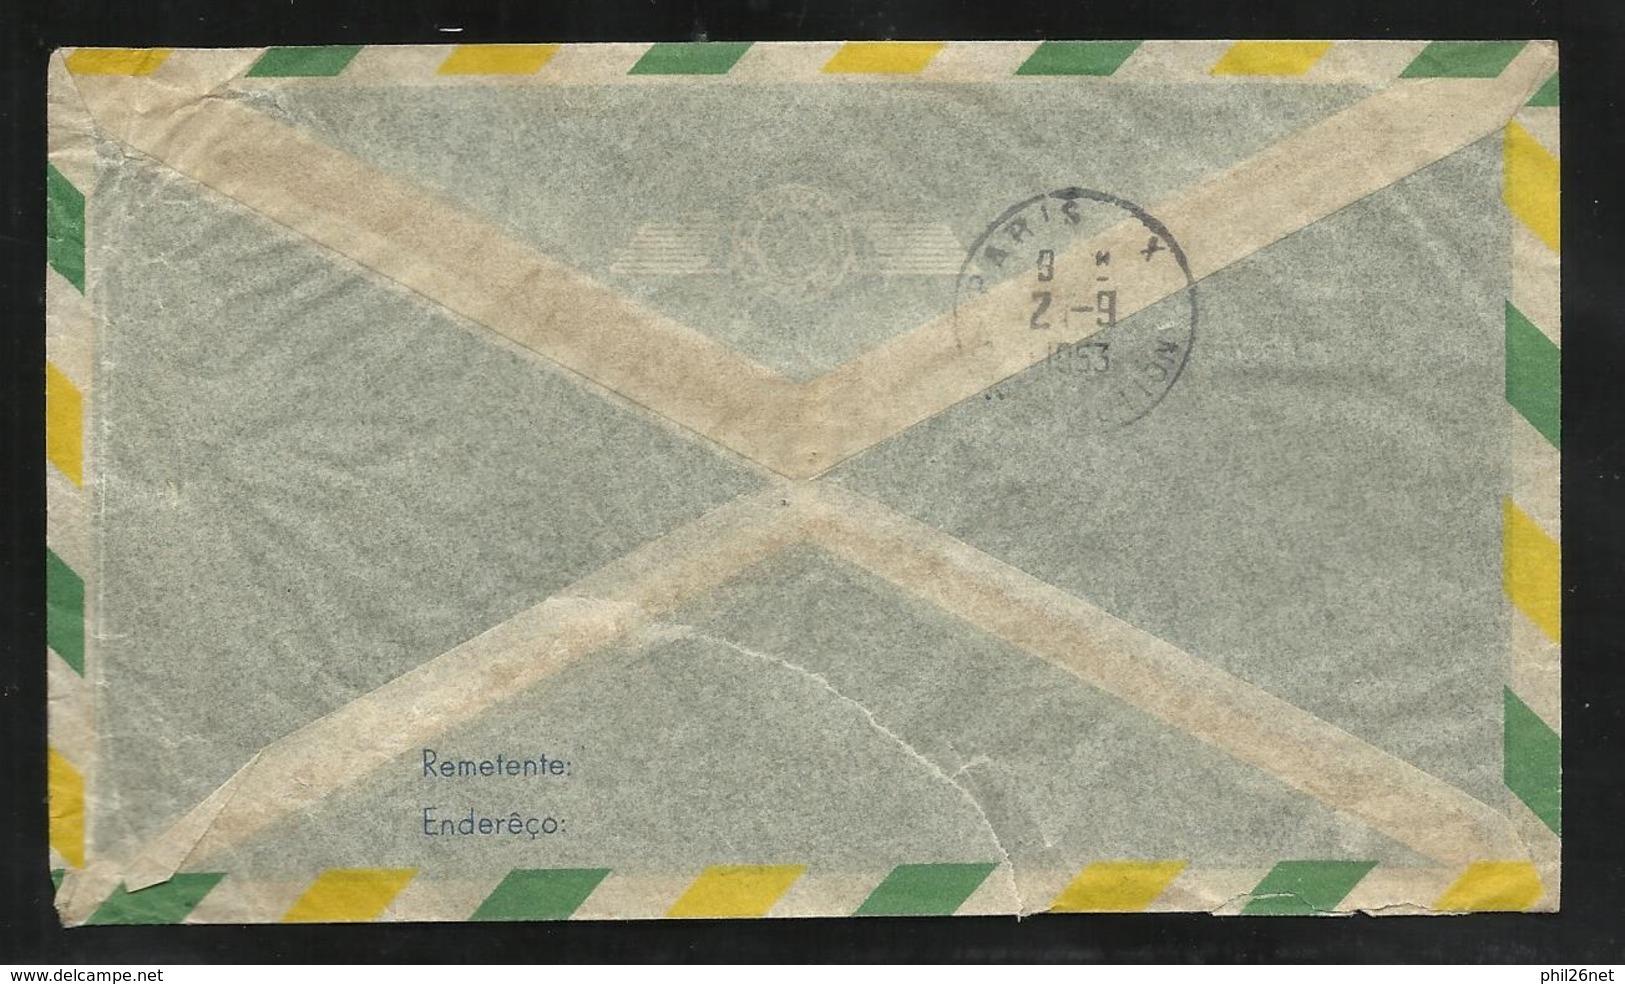 Lettre Avion Henriques Et Cie Rio  Le 29/08/1953  N°247 & 393 + Vignette St Vincent De Paul à Mareuil Le 2/9/1953   B/TB - Brésil